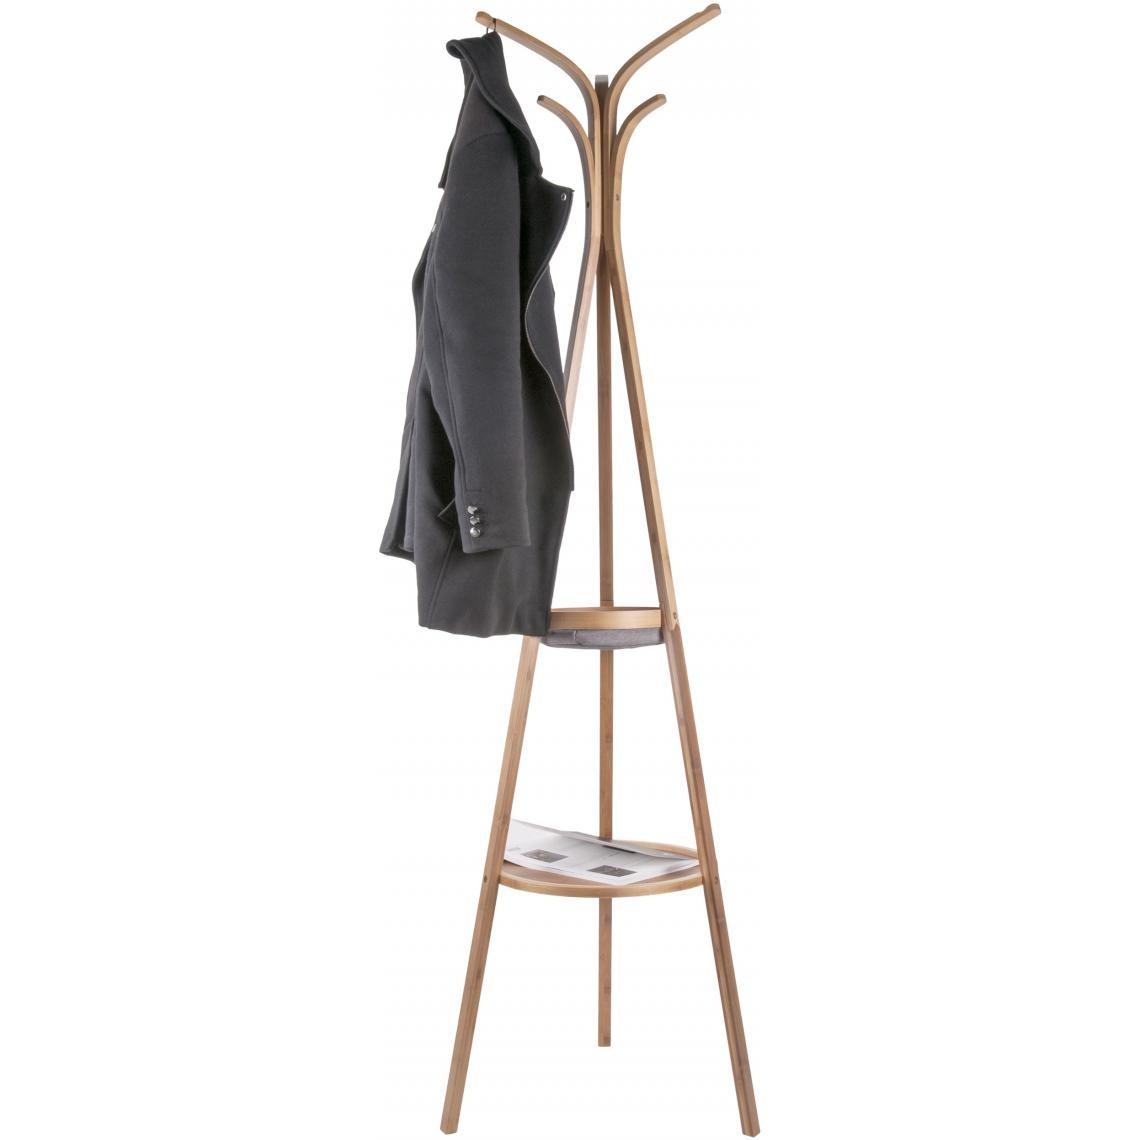 Porte Manteau Style Scandinave porte-manteau scandinave à 1 plateau et 1 panier en bambou beige nati plus  de détails